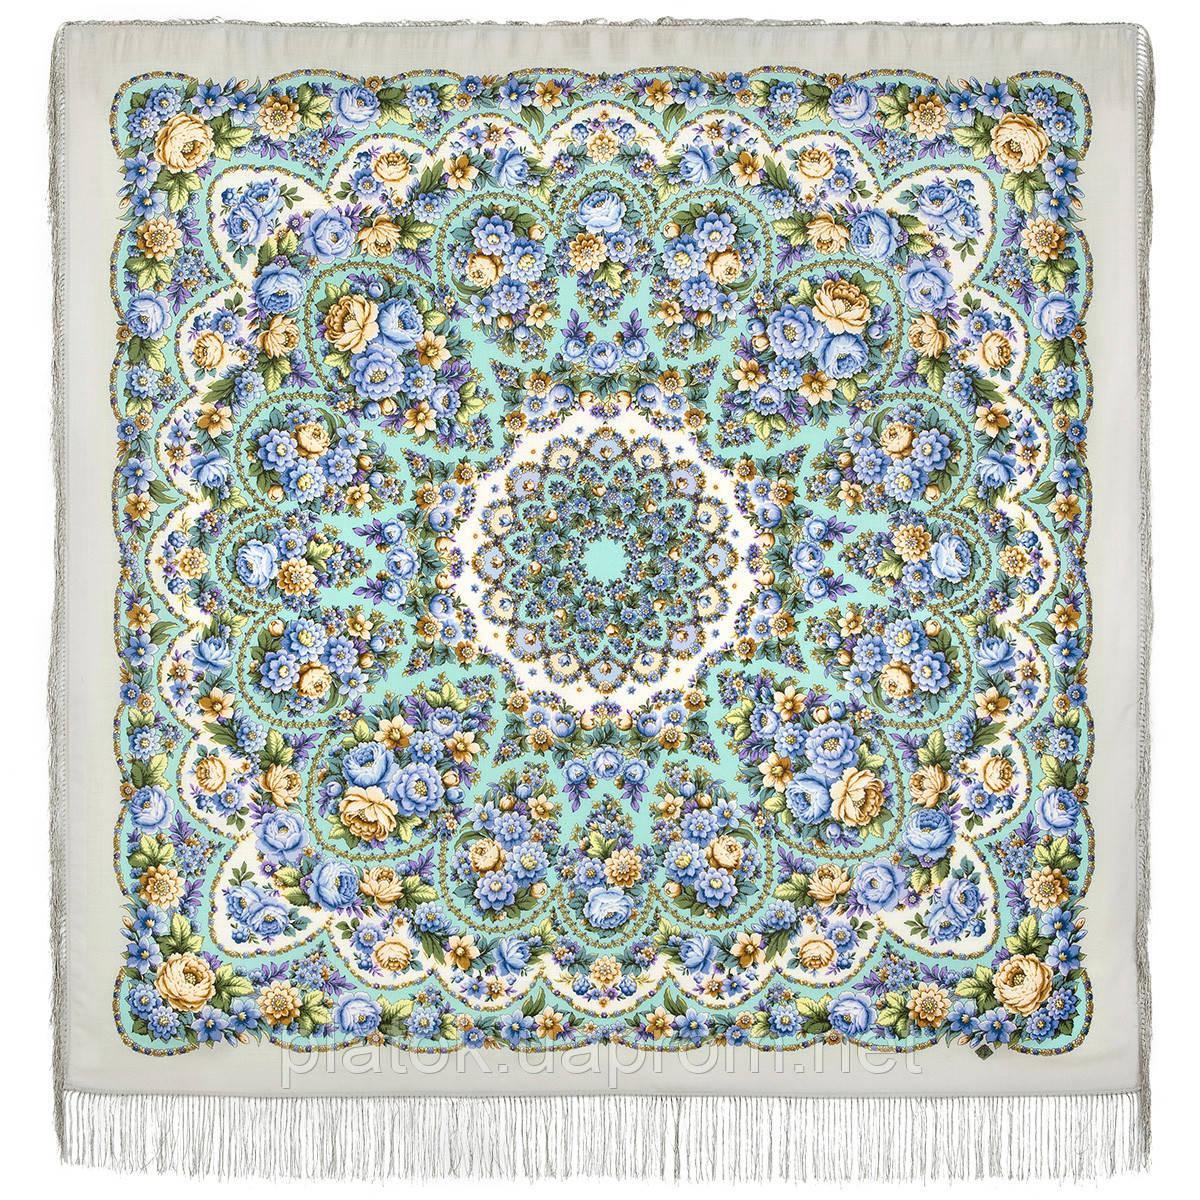 Именины сердца 1868-1, павлопосадский платок шерстяной  с шелковой бахромой